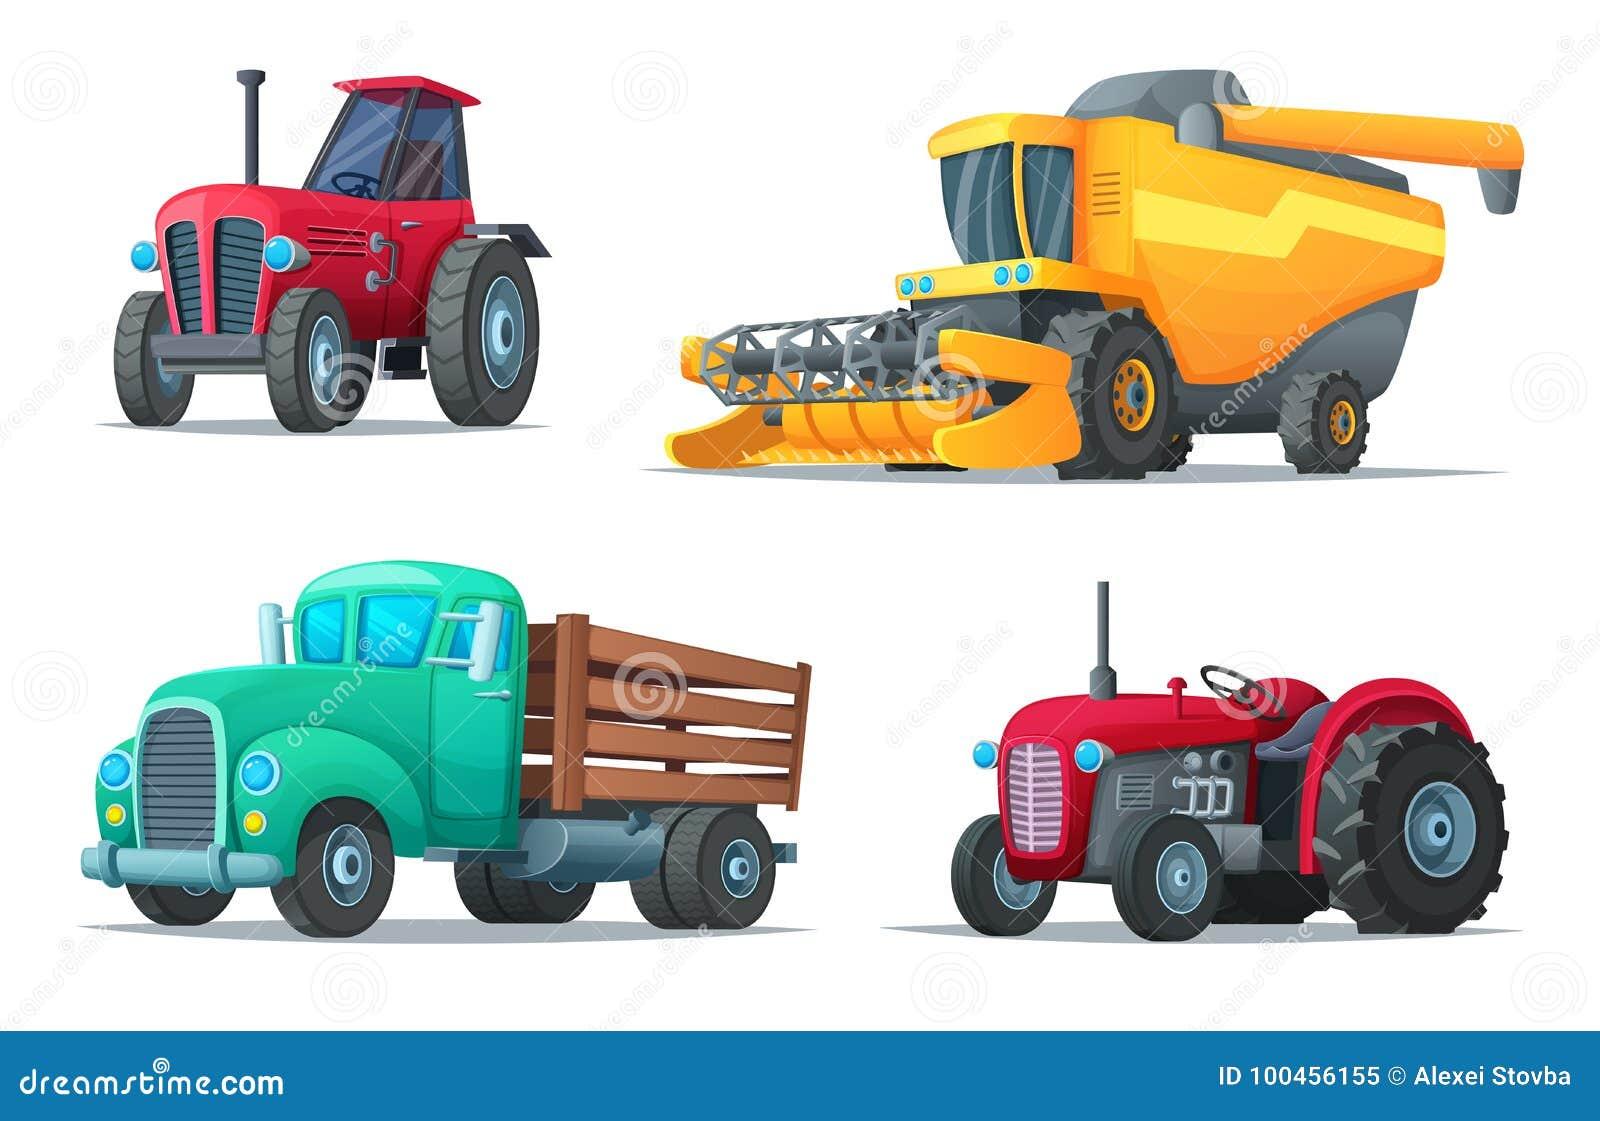 Σύνολο γεωργικής μεταφοράς Αγροτικοί εξοπλισμός, τρακτέρ, φορτηγό και θεριστική μηχανή βιομηχανικά οχήματα Διάνυσμα σχεδίου κινού